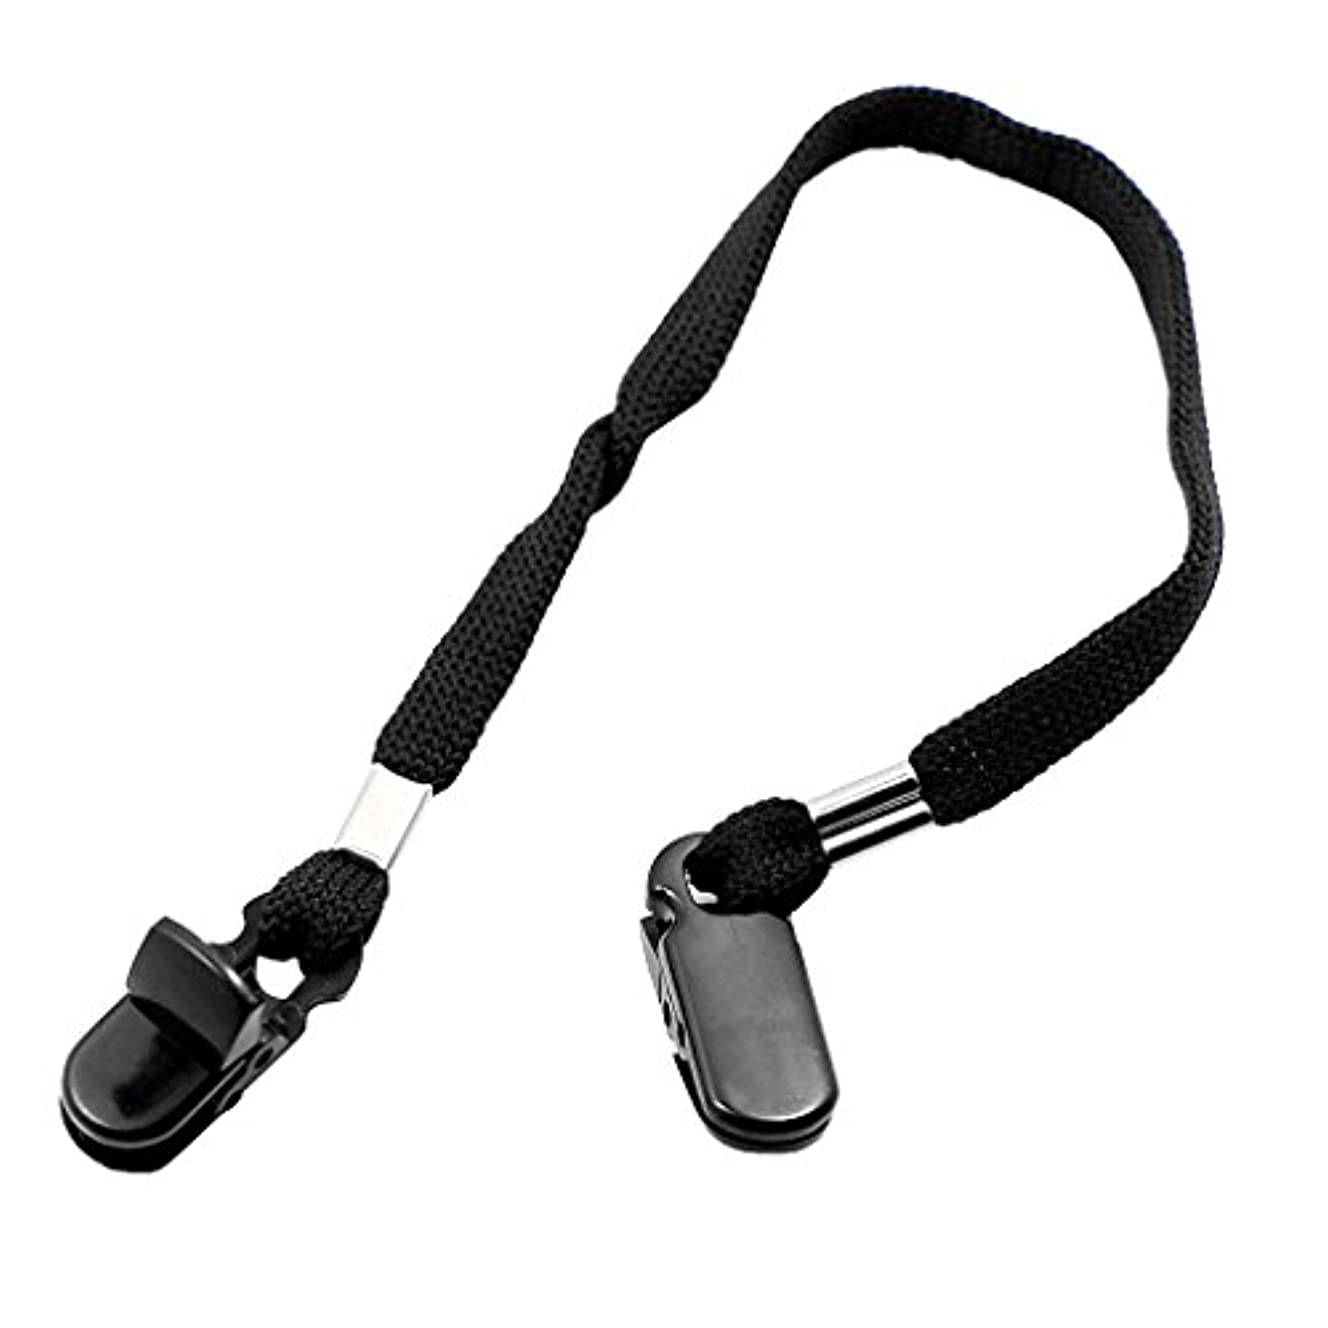 実装する嵐が丘サーキュレーションKOZEEY9mm 屋外 調節可能 帽子 スカーフ 風 クリップ ストラップロープ コード ハットクリップ 衣類- 黒